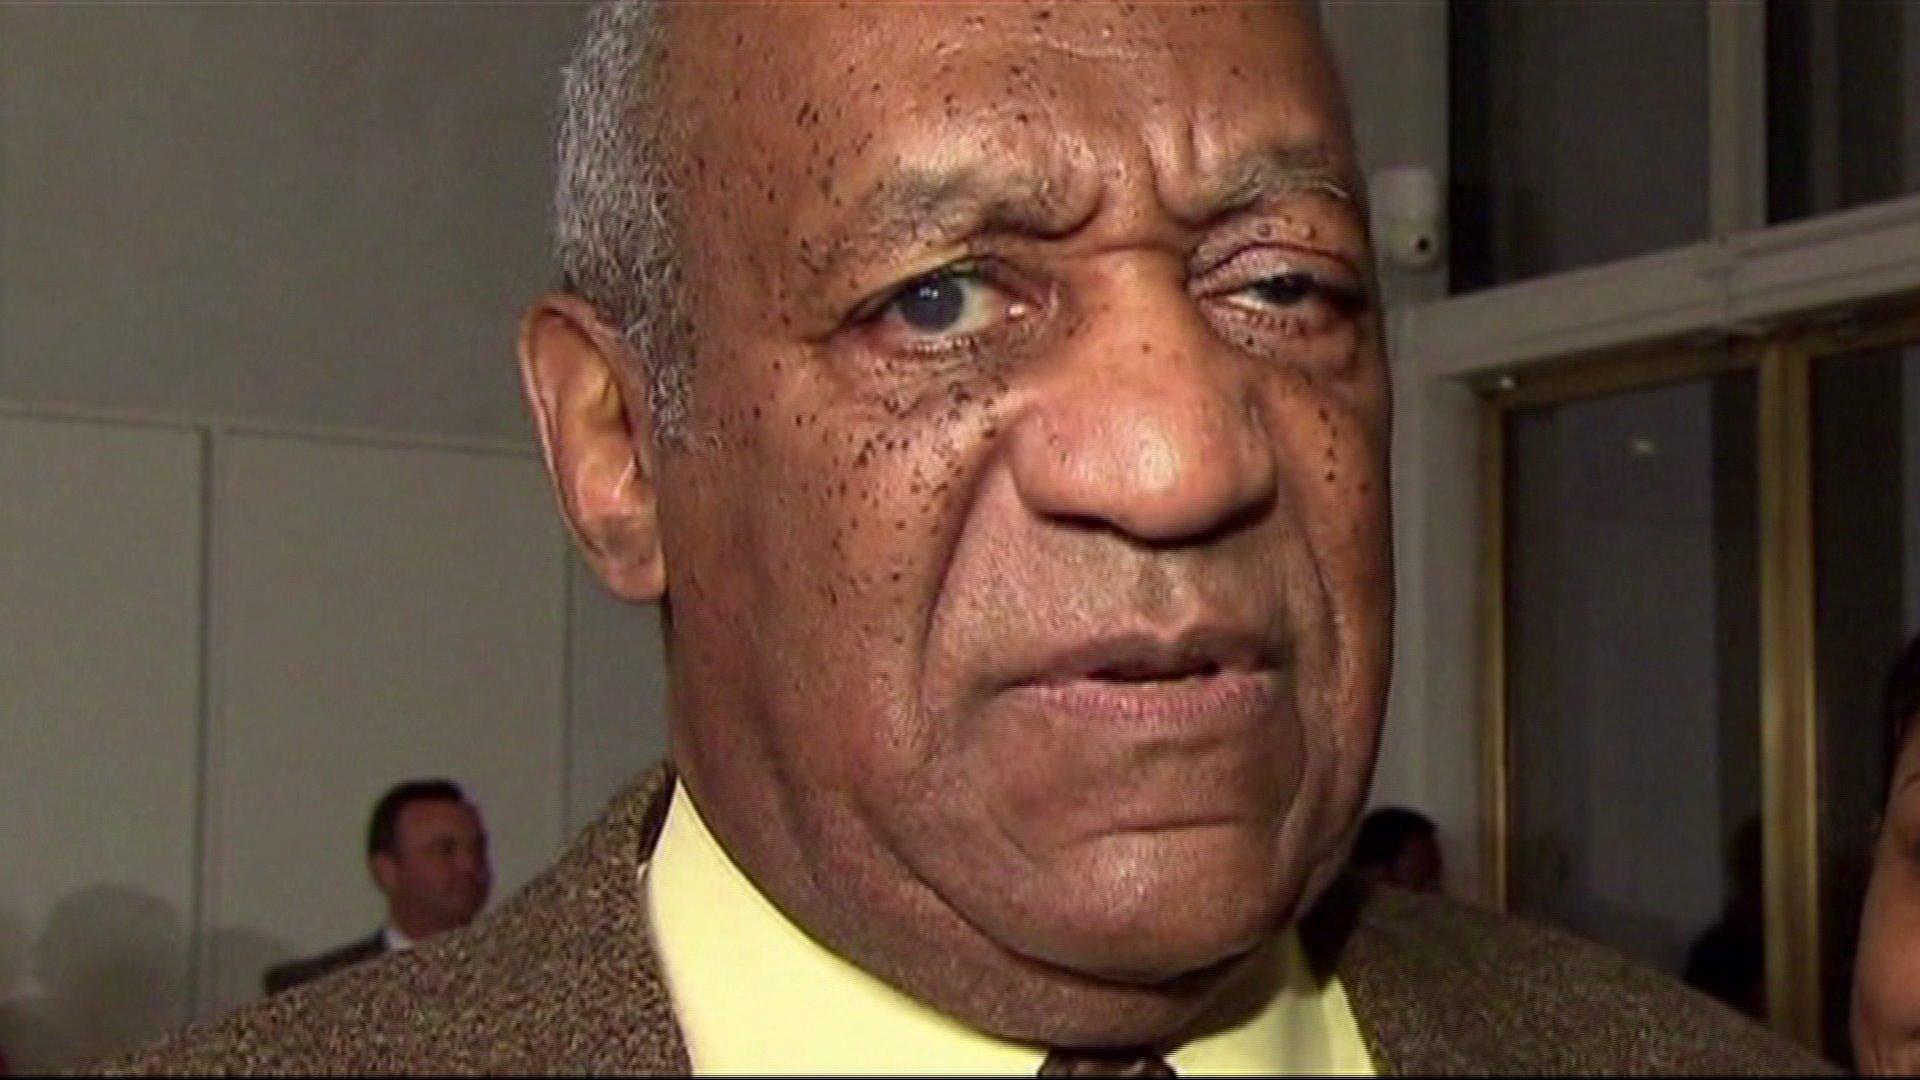 ¡Escándalo! Diez años de cárcel para Bill Cosby por agresión sexual